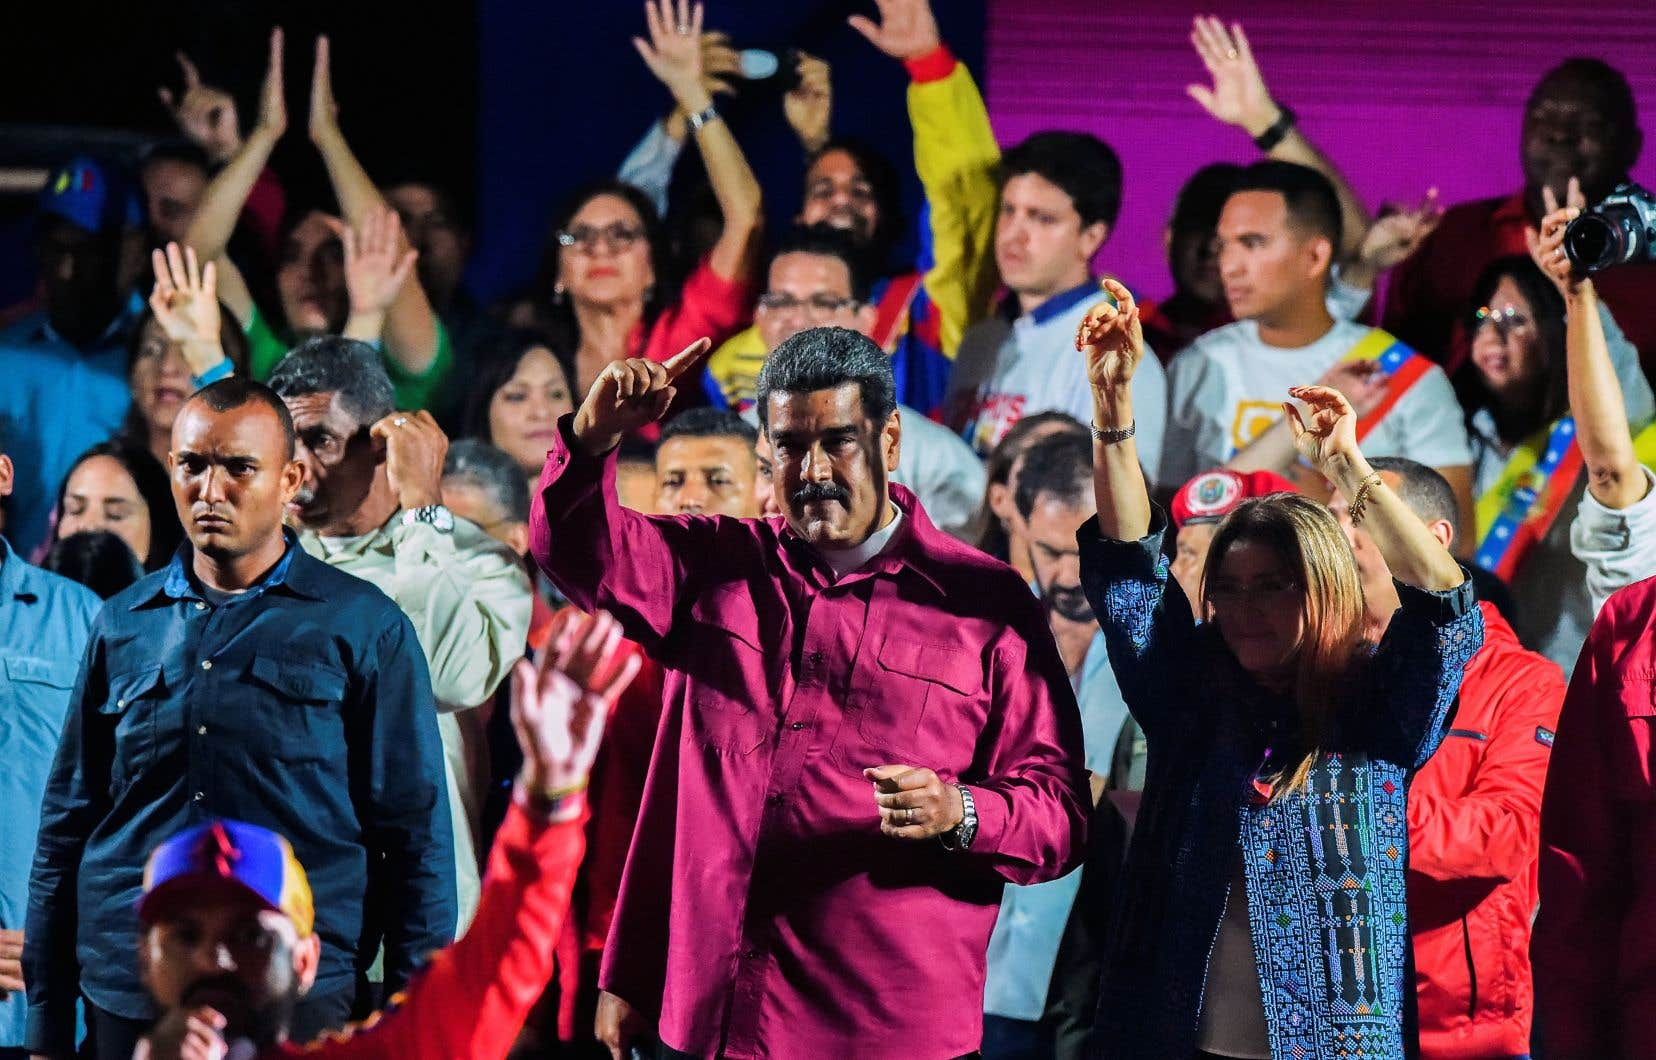 Le scrutin présidentiel, qui a reporté au pouvoir le leader socialiste Nicolas Maduro, a été entaché d'irrégularités, selon l'opposition.